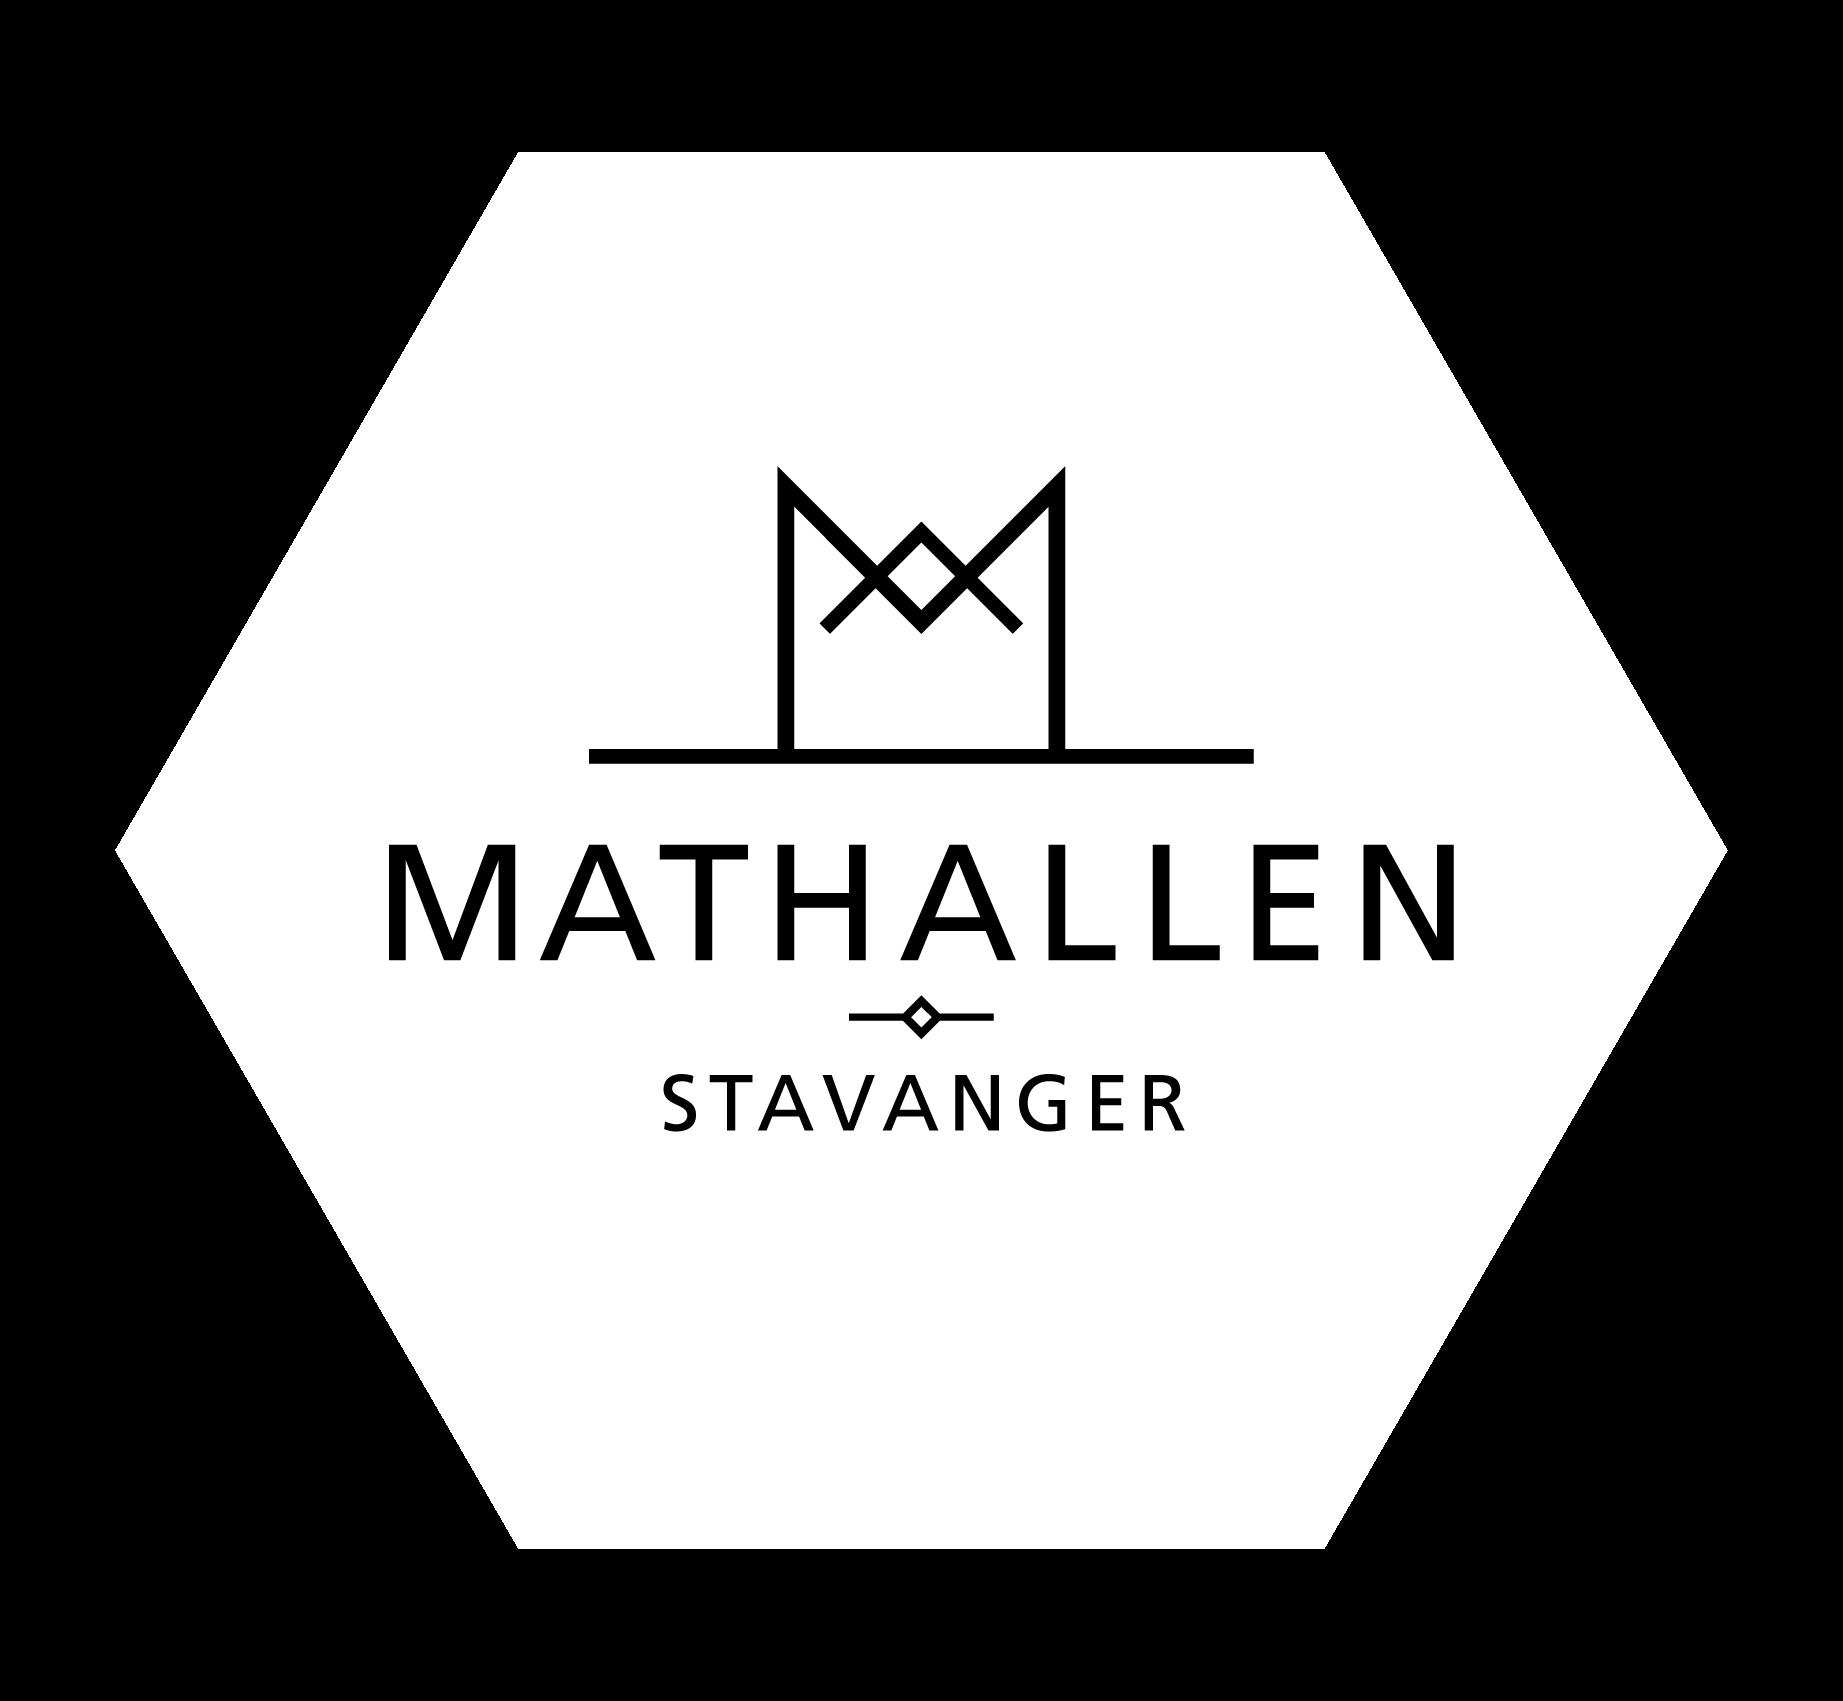 Mathallen Stavanger